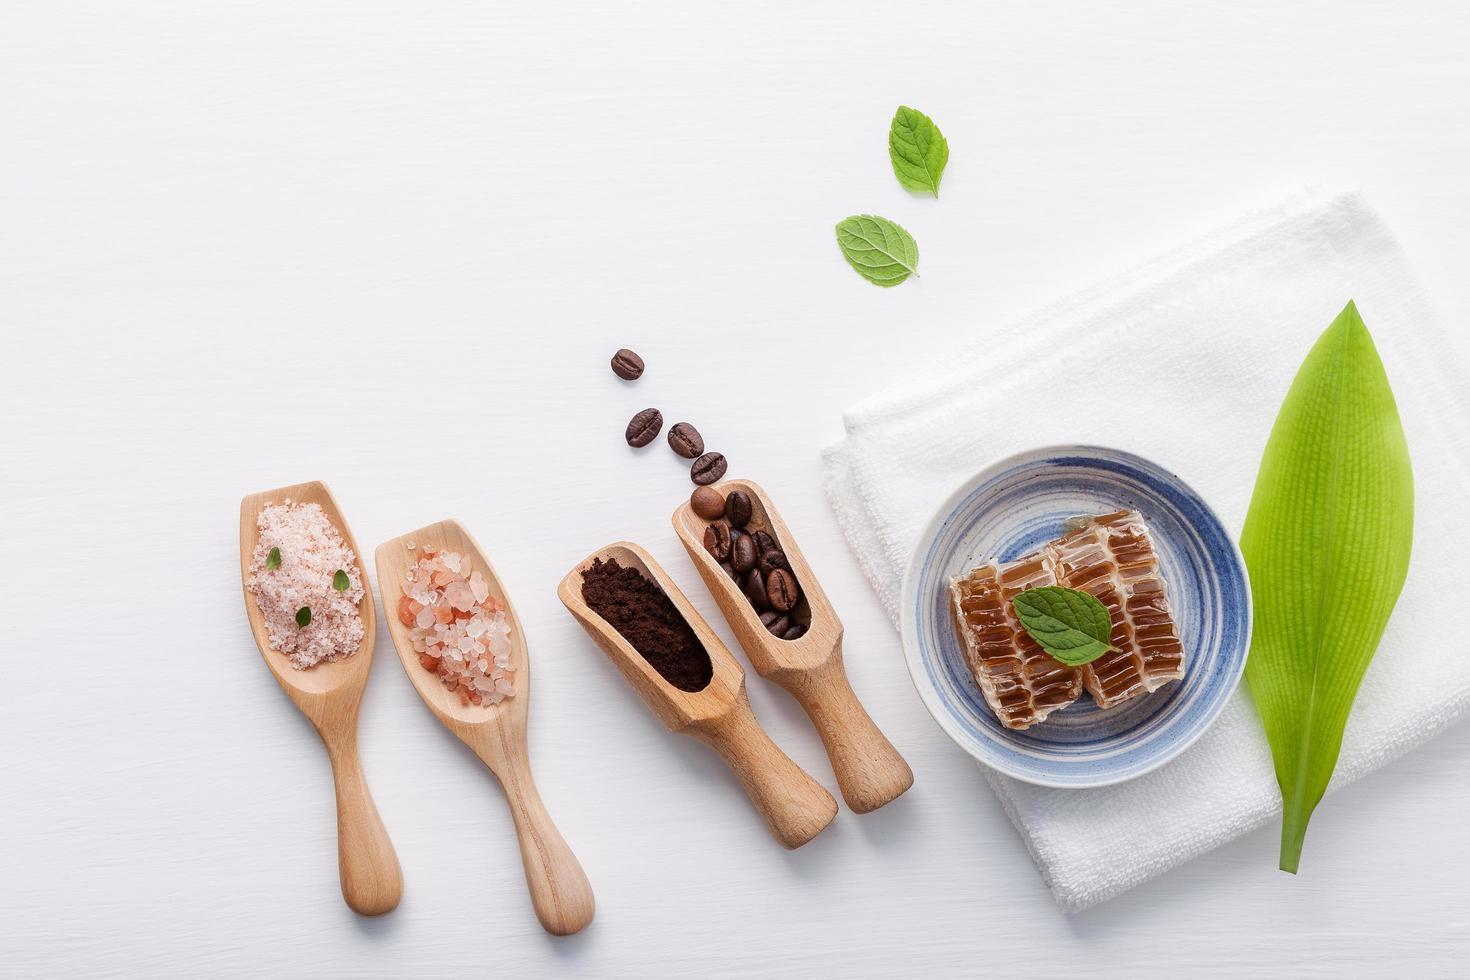 productos de cuidado de la piel a base de hierbas naturales en blanco foto